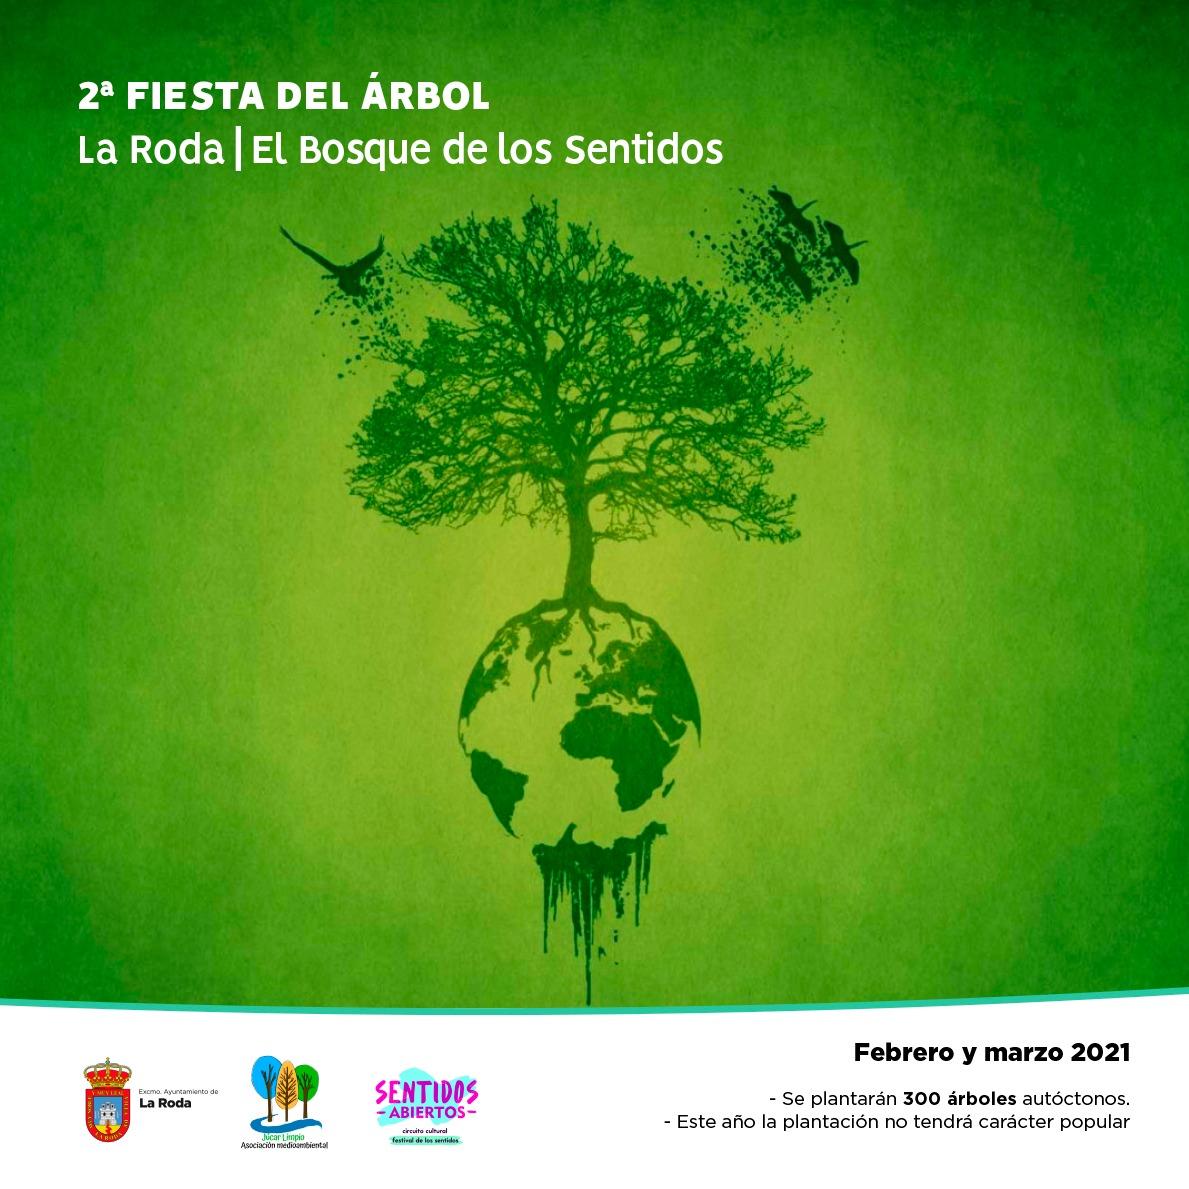 Nueva Plantación De árboles En 'El Bosque De Los Sentidos'